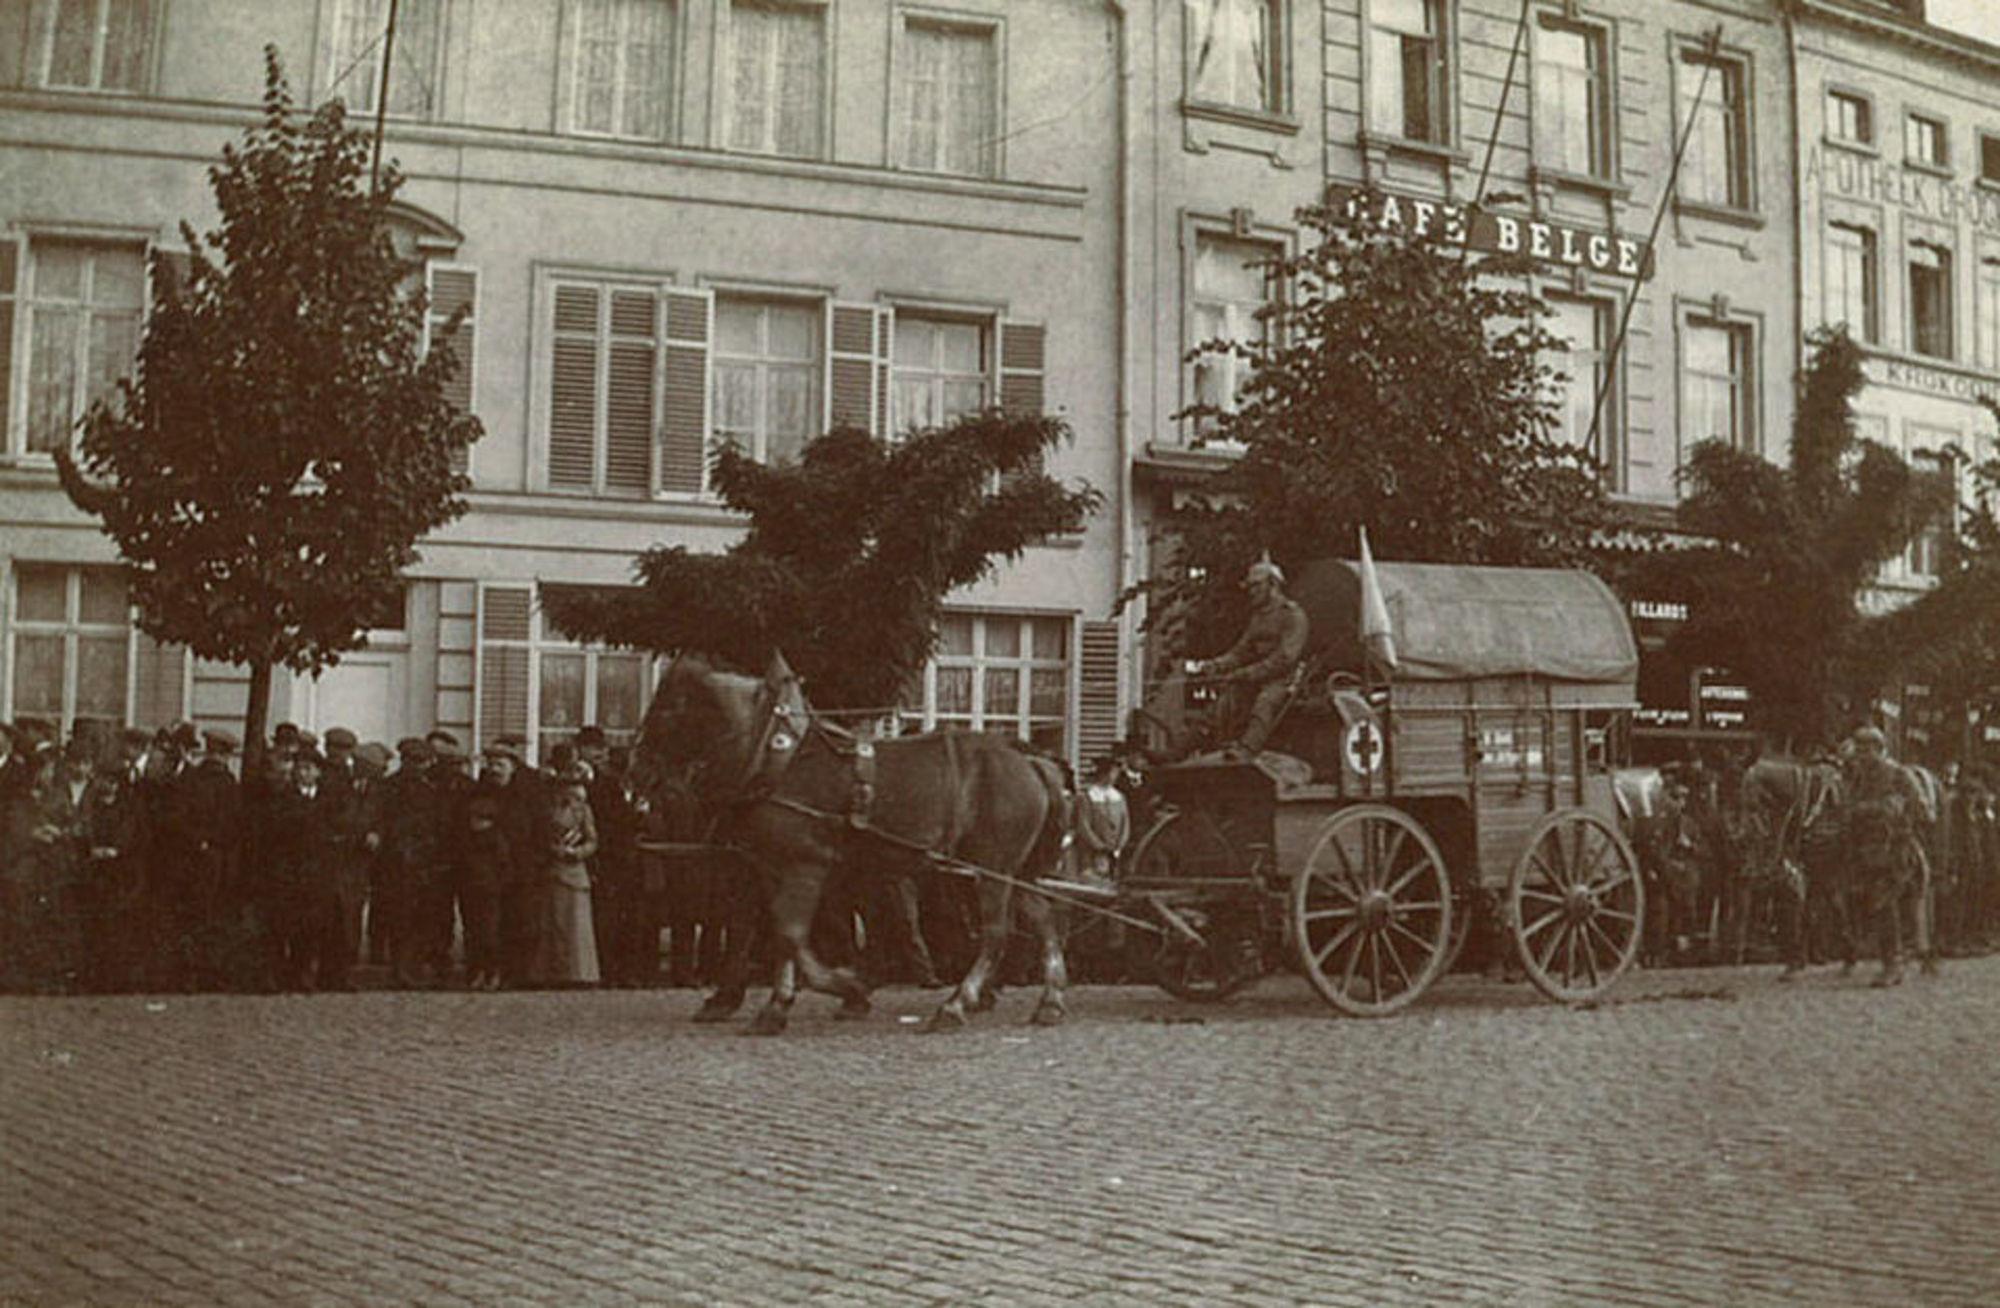 Duitse troepen op de Grote Markt in 1914